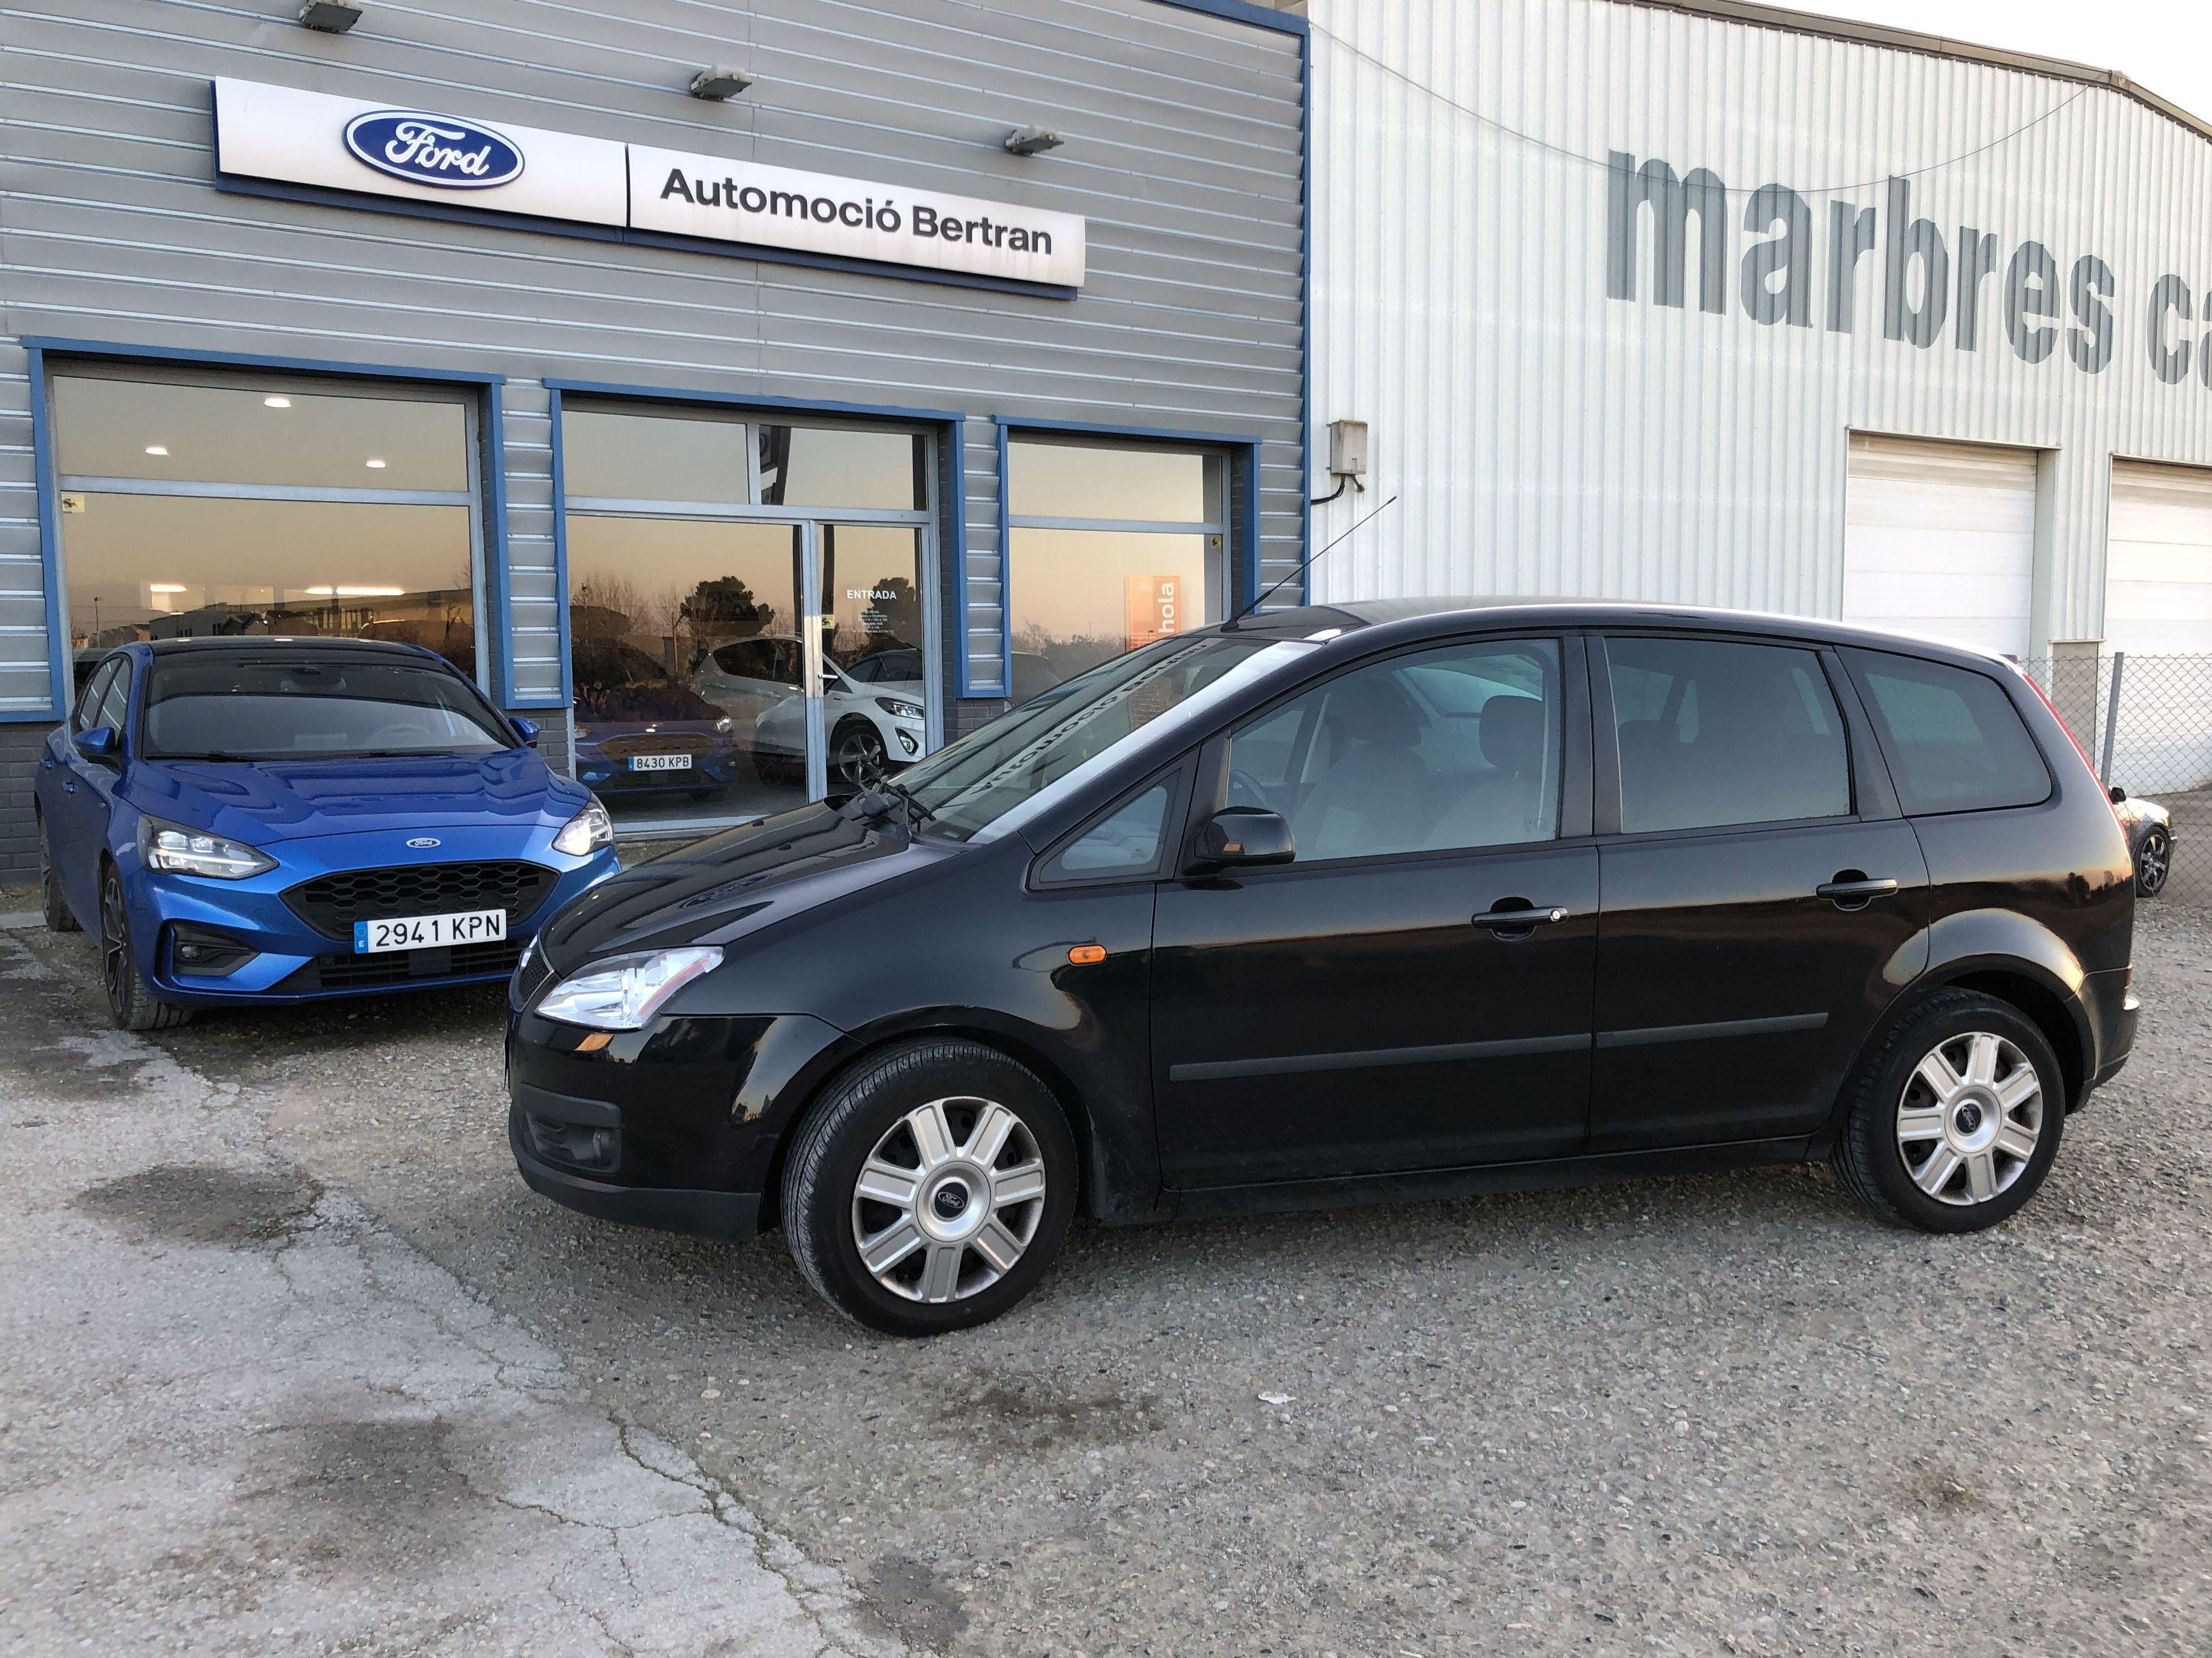 Ford C-Max titanium 136 cv 3900€: Coches Km 0 y de ocasión de Automoció Bertran S L